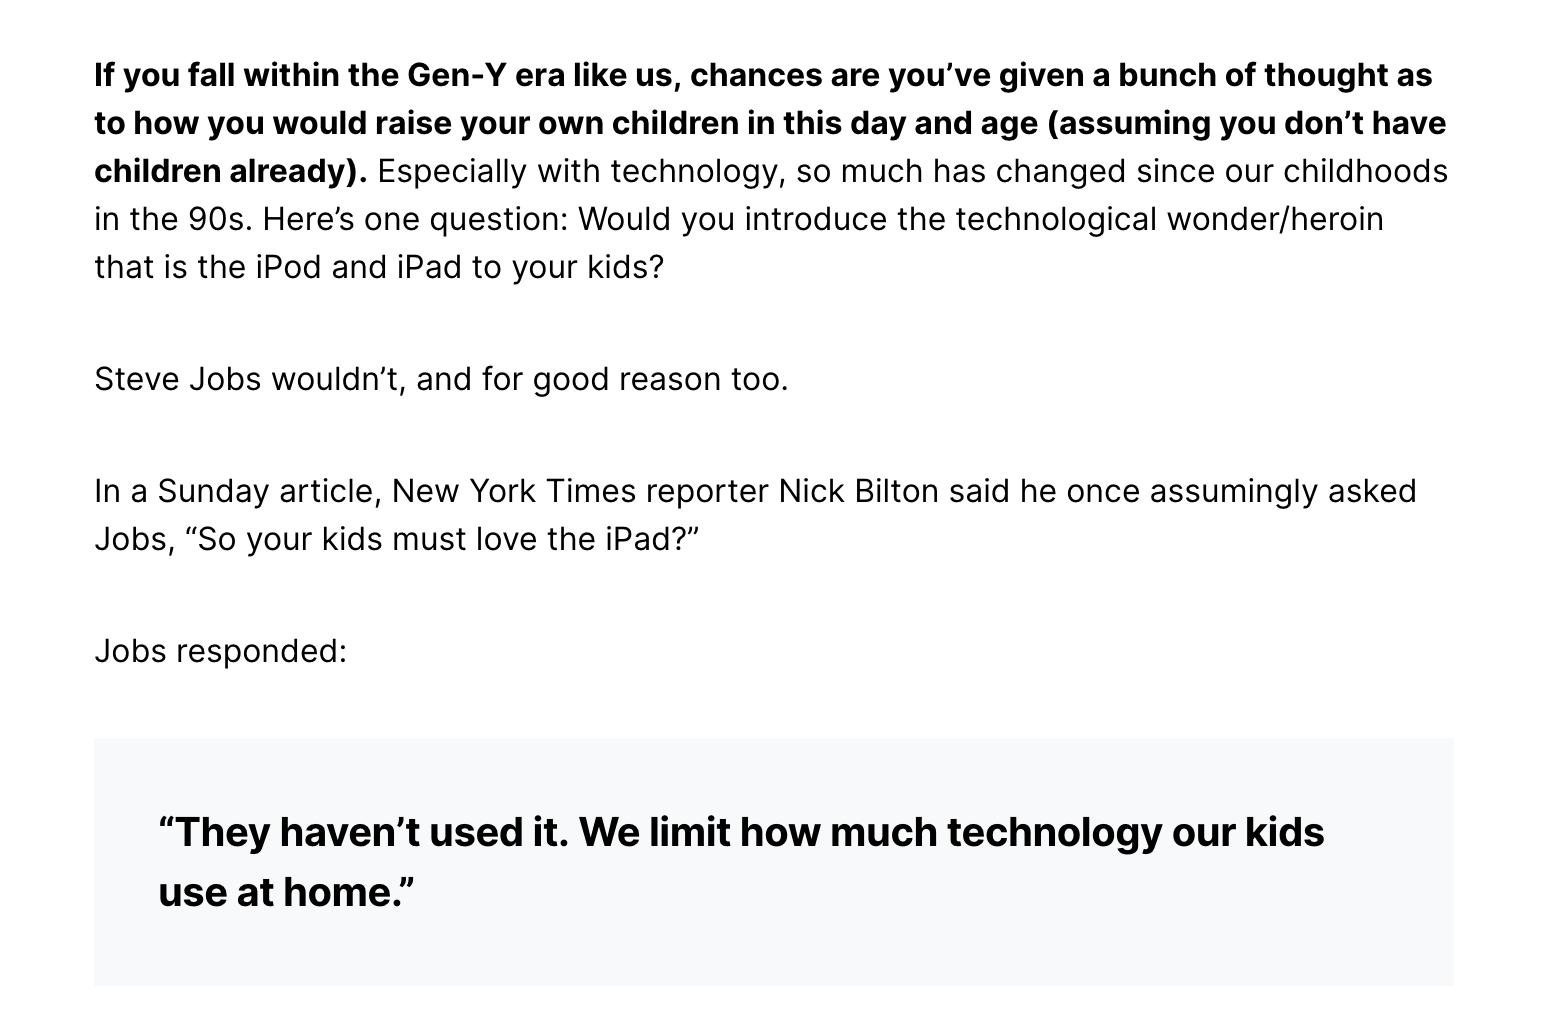 Citation de Steve Jobs sur la limitation du temps pendant lequel leurs enfants utilisent la technologie à la maison